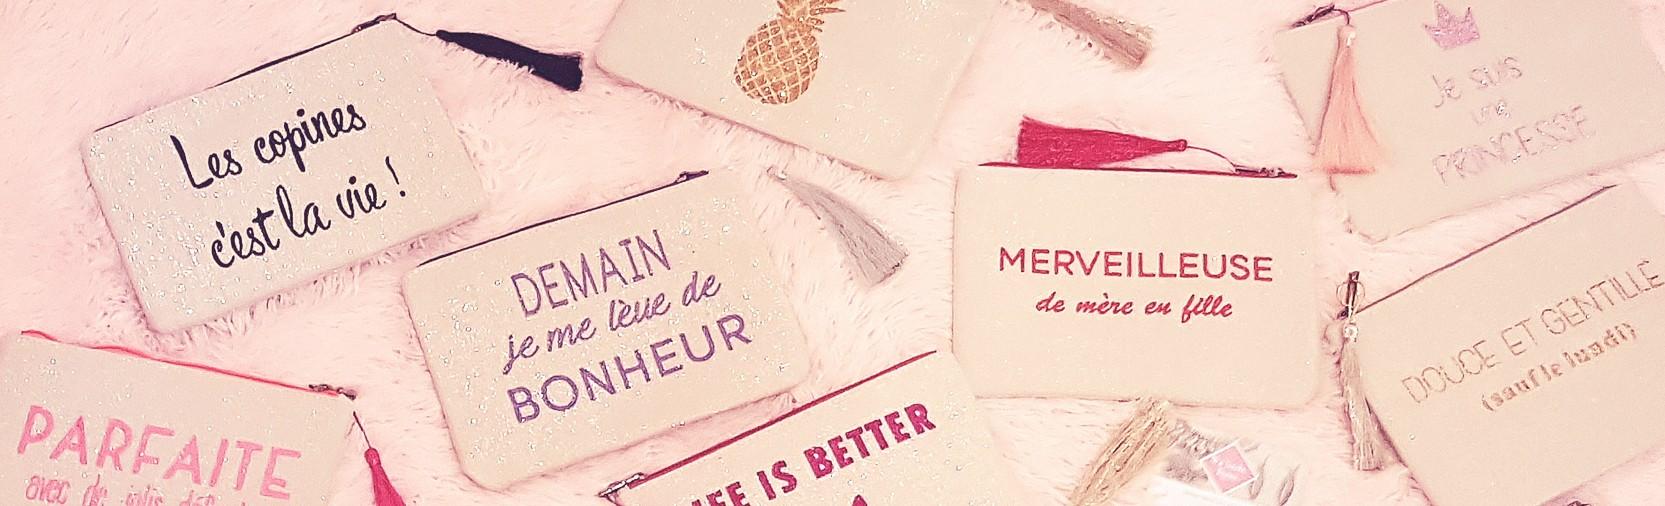 A la recherche d'un cadeau? Vous trouverez sur matouchebijoux.com la pochette tendance qu'il vous faut! Un message unique et personnalisé à offrir.